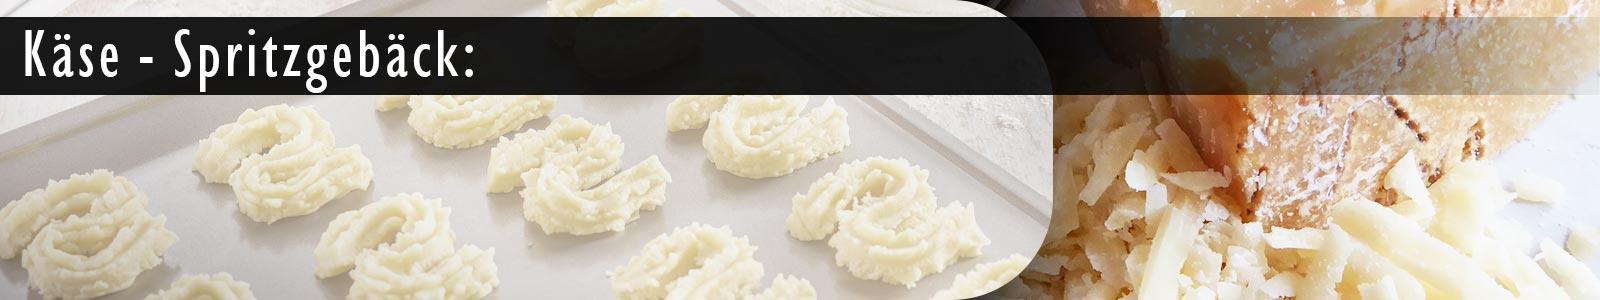 Rezept für Käse-Spritzgebäck mit einem Fleischwolf für die Küchenmaschine